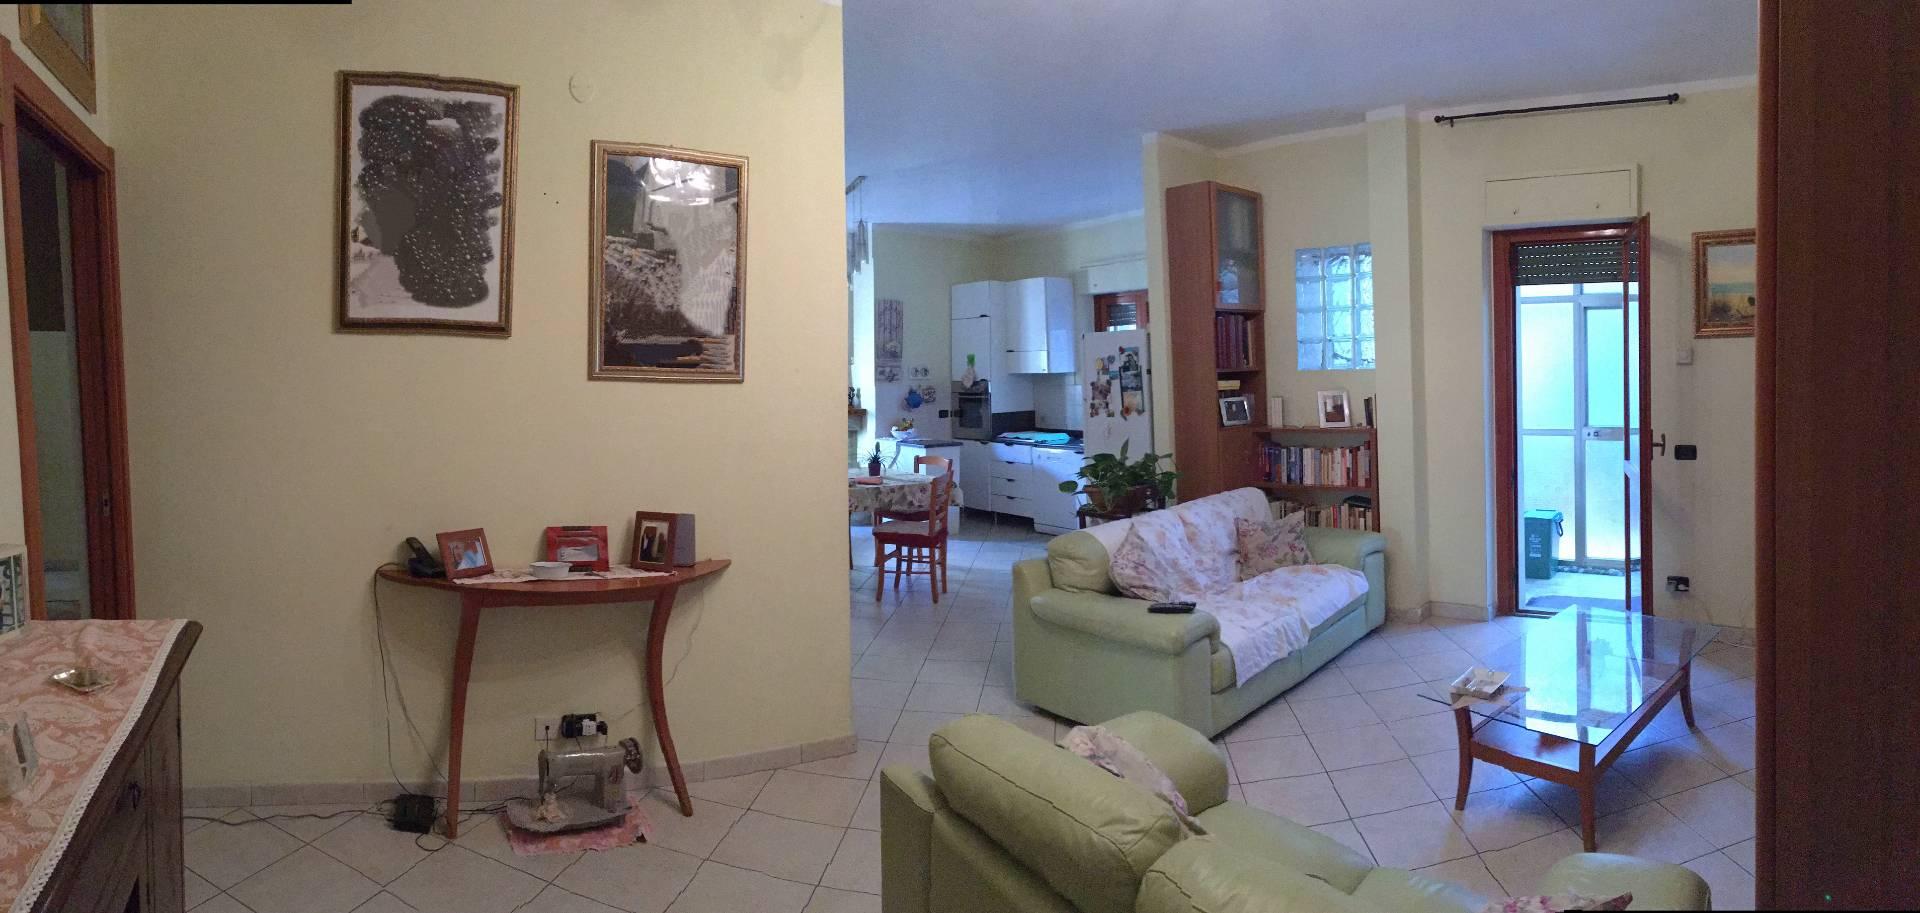 Appartamento in vendita a Catanzaro, 4 locali, zona Località: CatanzaroLido, prezzo € 235.000 | CambioCasa.it